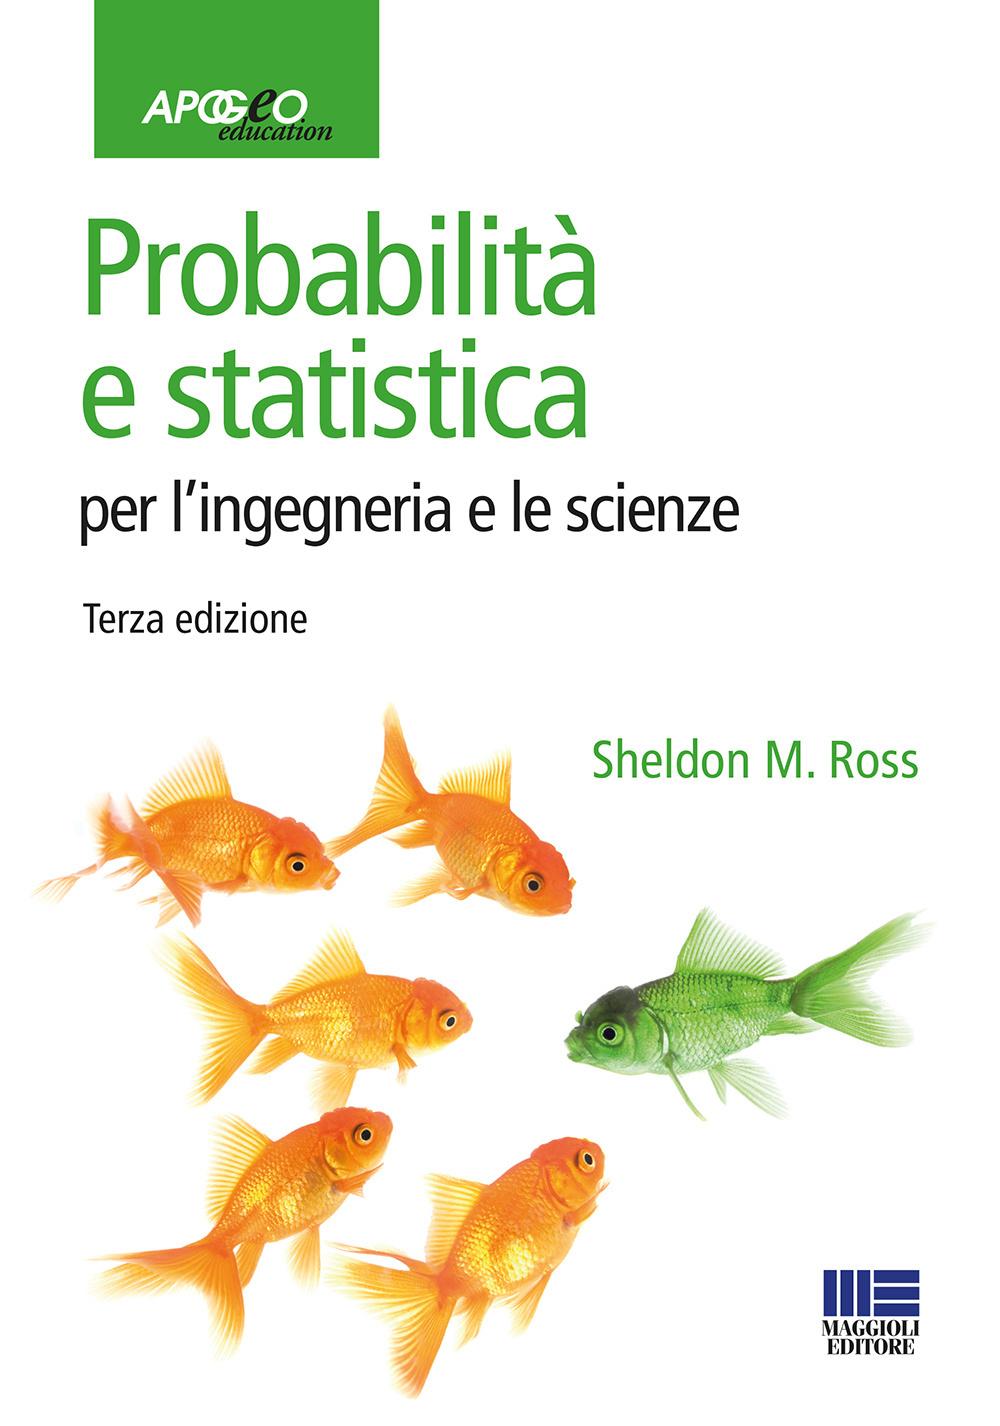 Image of Probabilità e statistica per l'ingegneria e le scienze